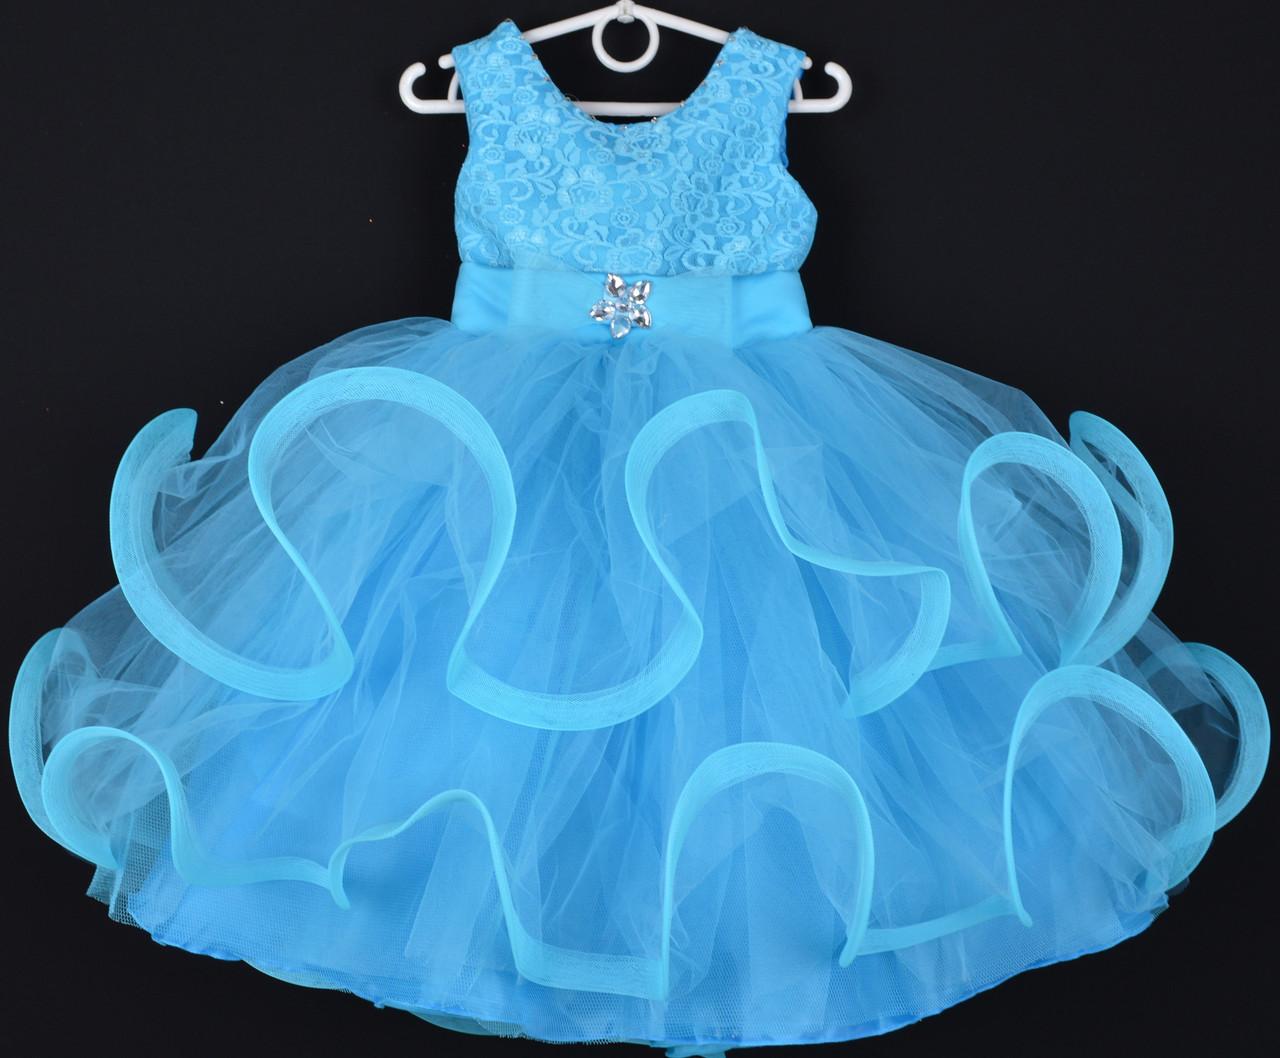 """Платье нарядное детское """"Пушинка"""". 3-4 года. Голубое. Оптом и в розницу"""